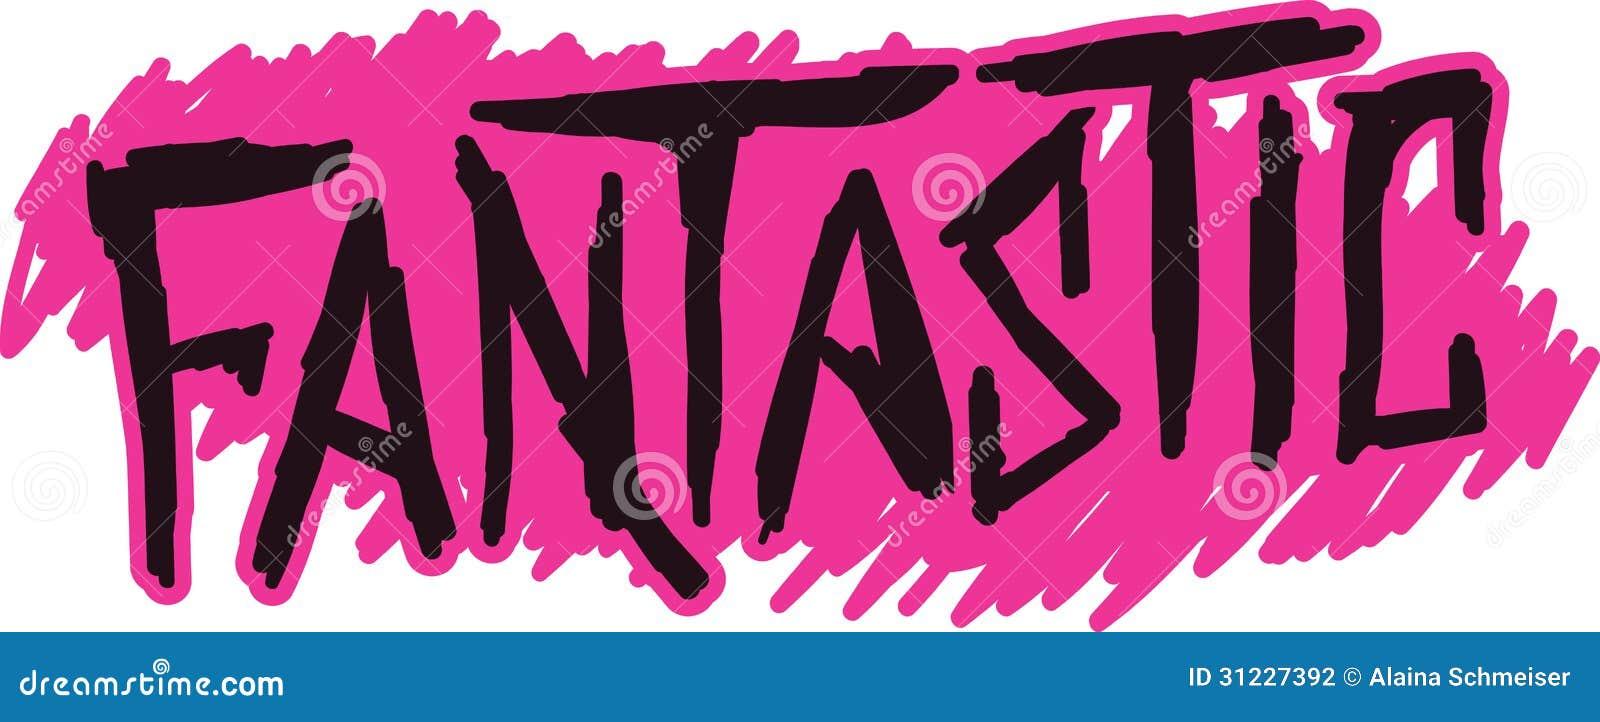 Tgp pink word